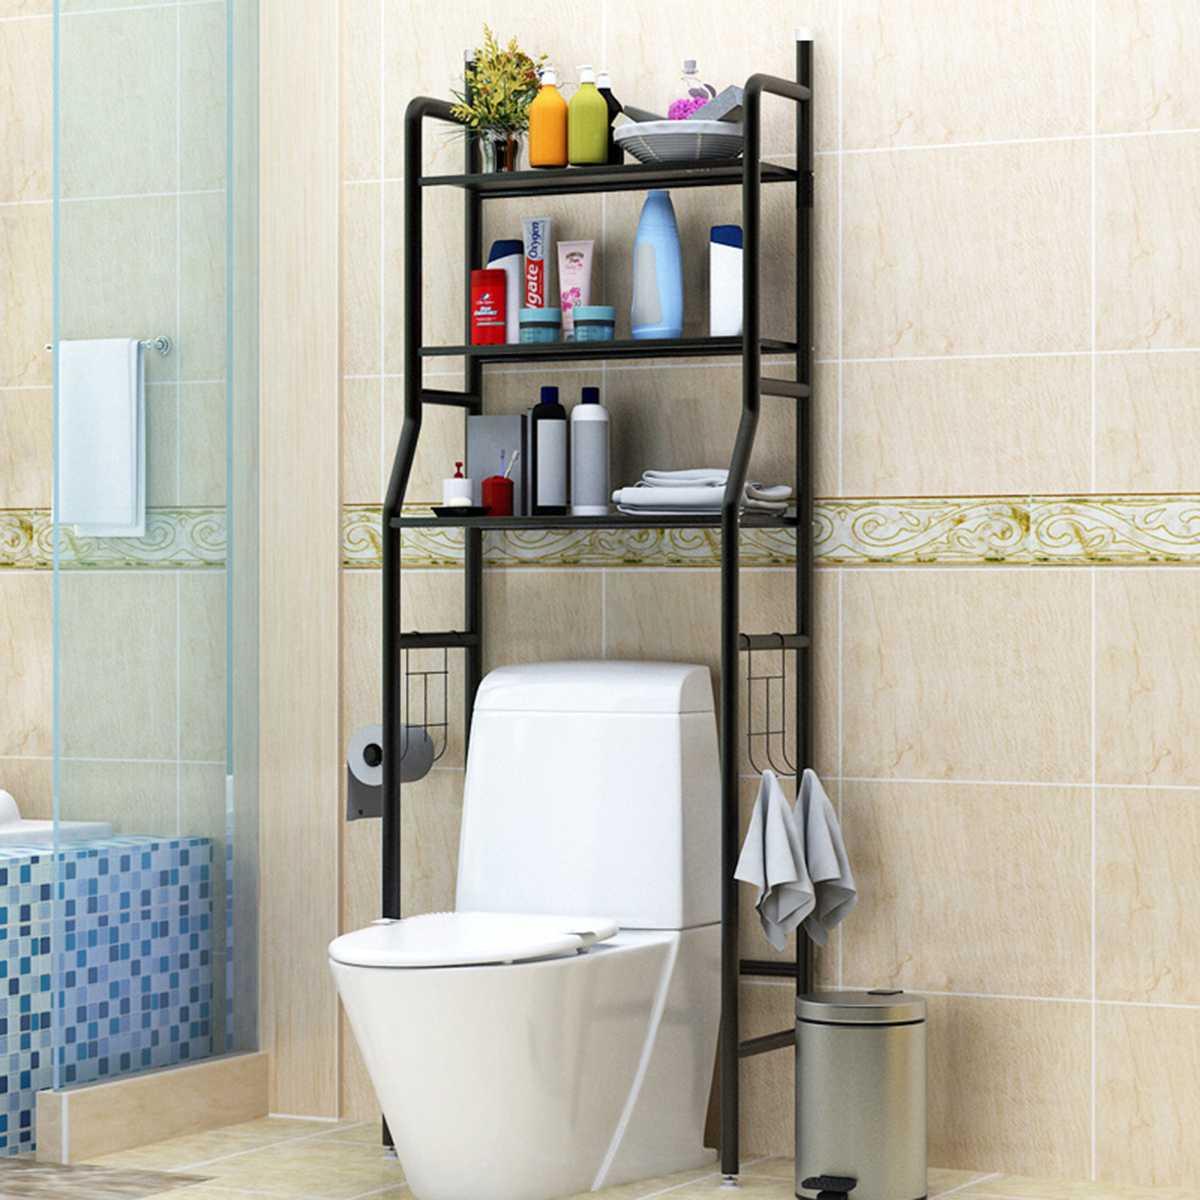 Noir en acier inoxydable sur support armoire de toilette rayonnage cuisine Machine à laver support salle de bain économiseur d'espace étagère support organisateur